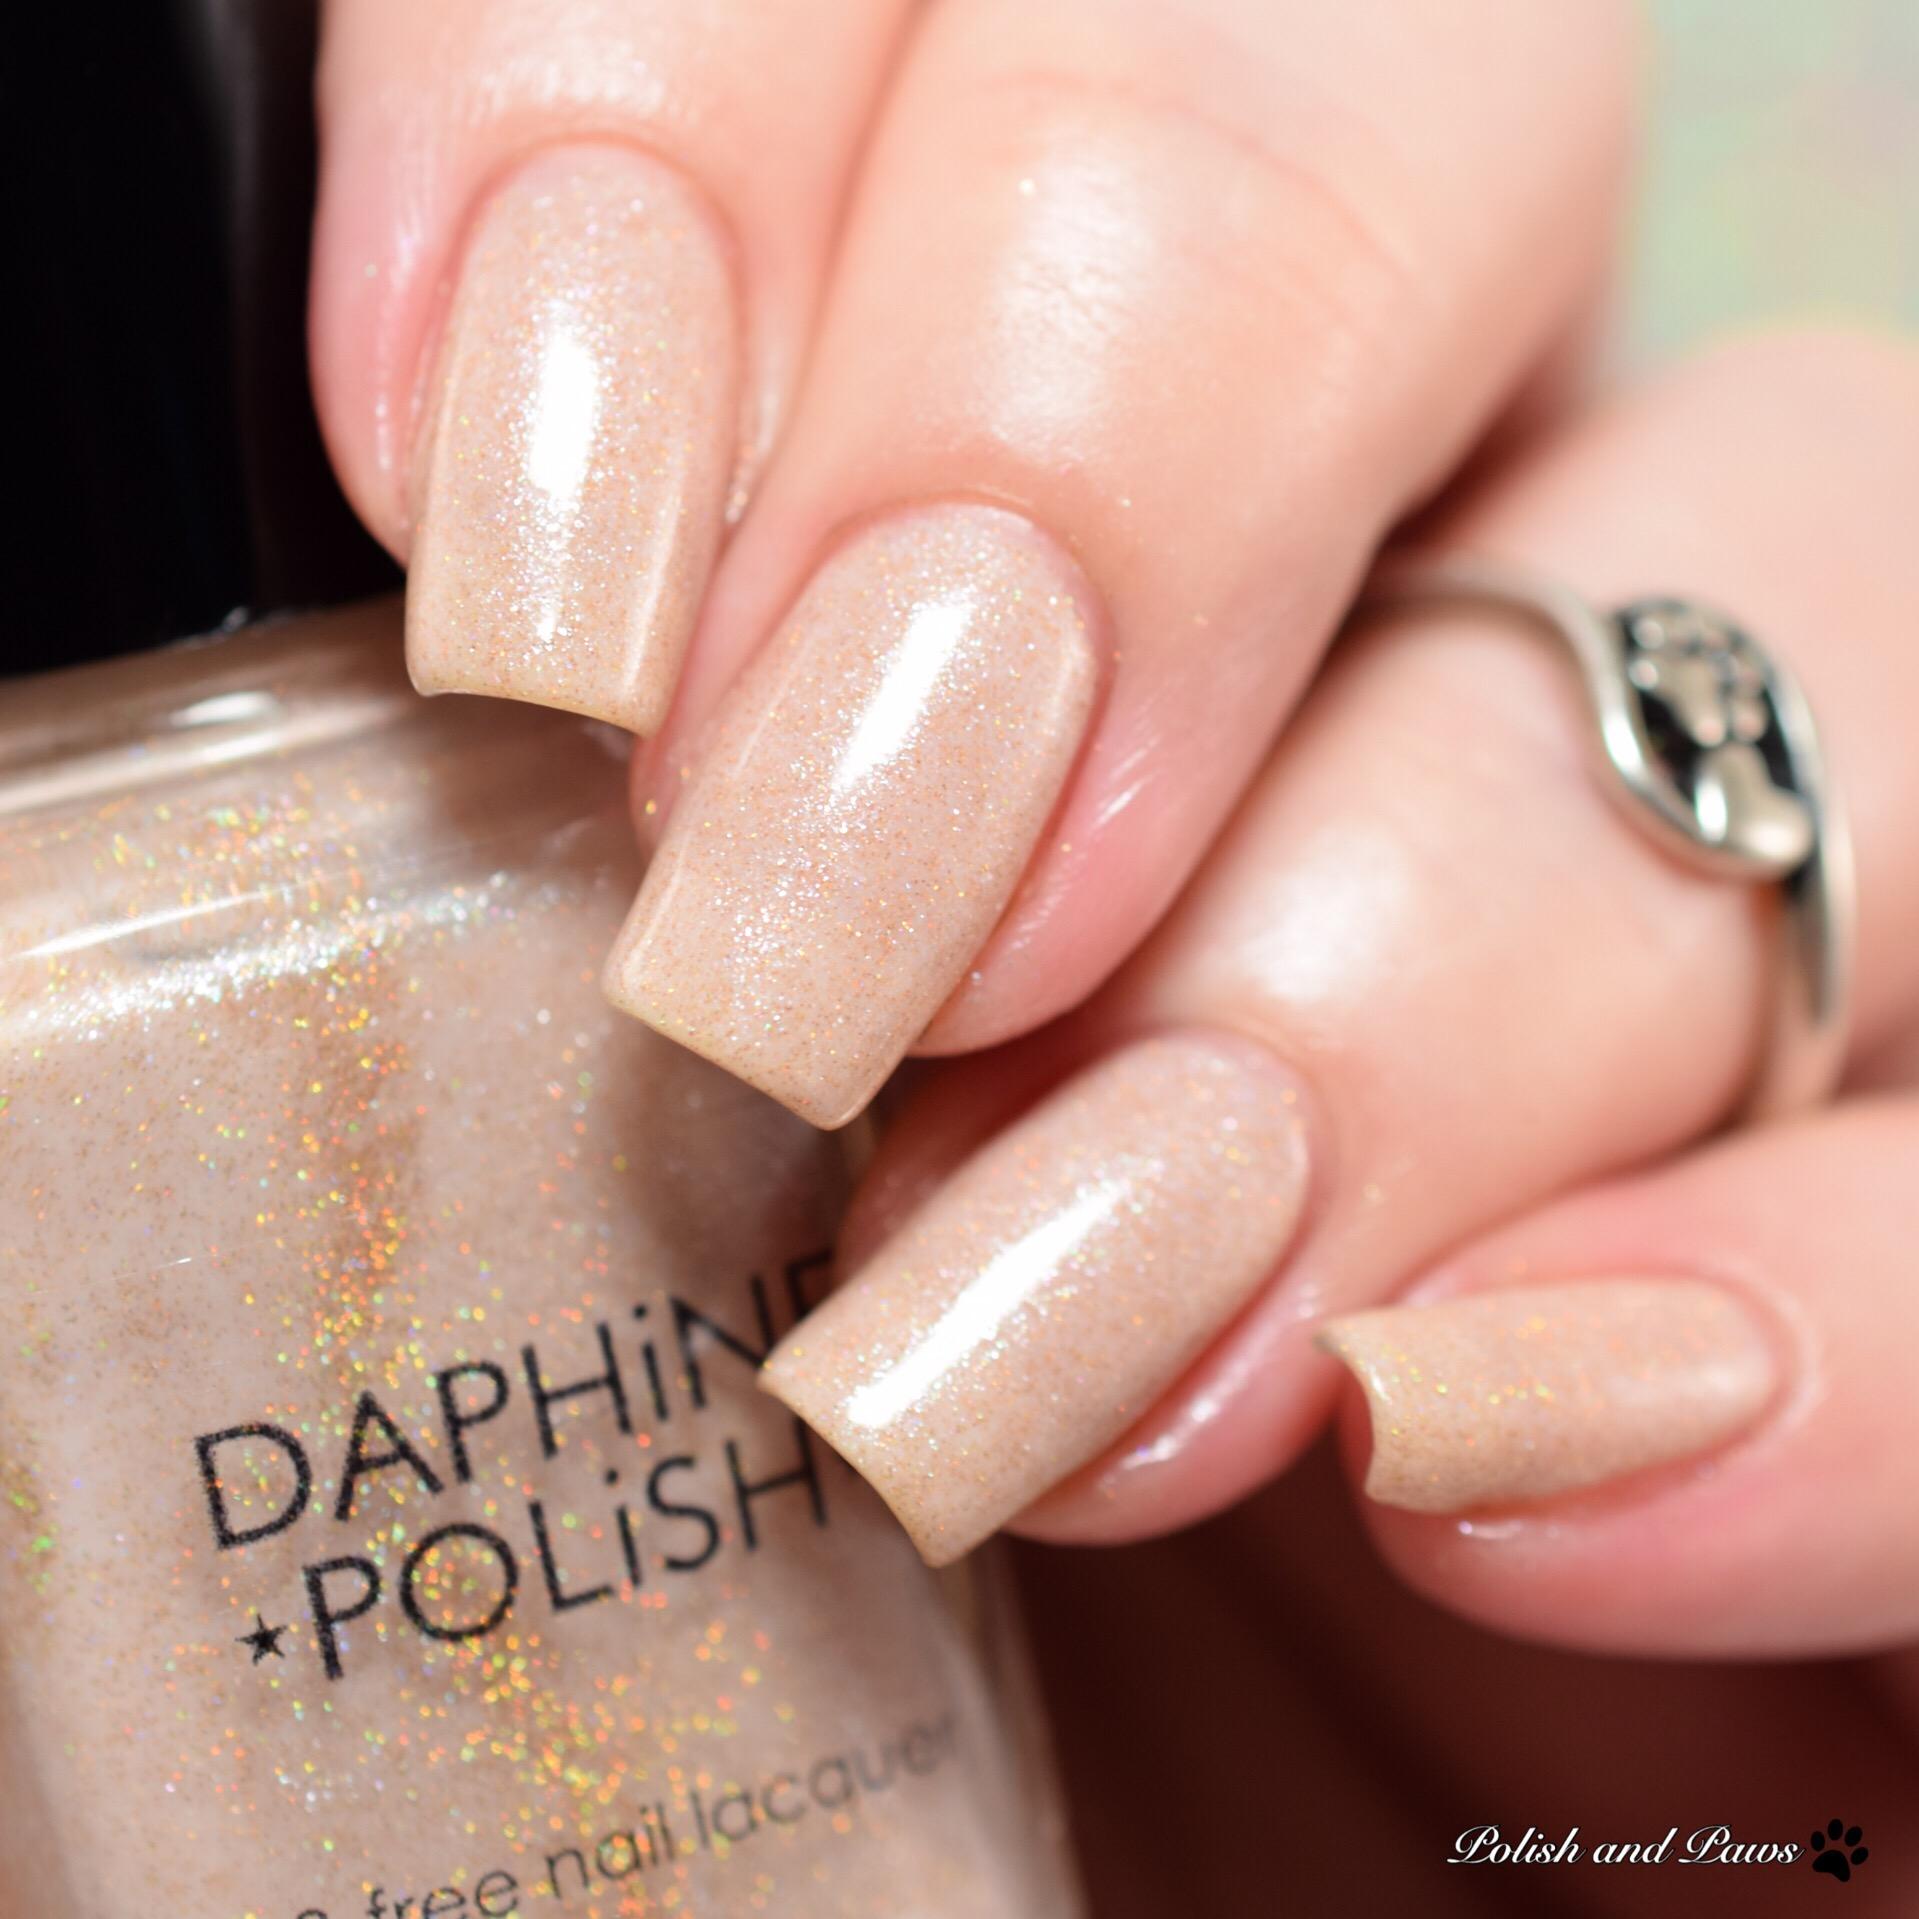 Daphine Polish Something Old